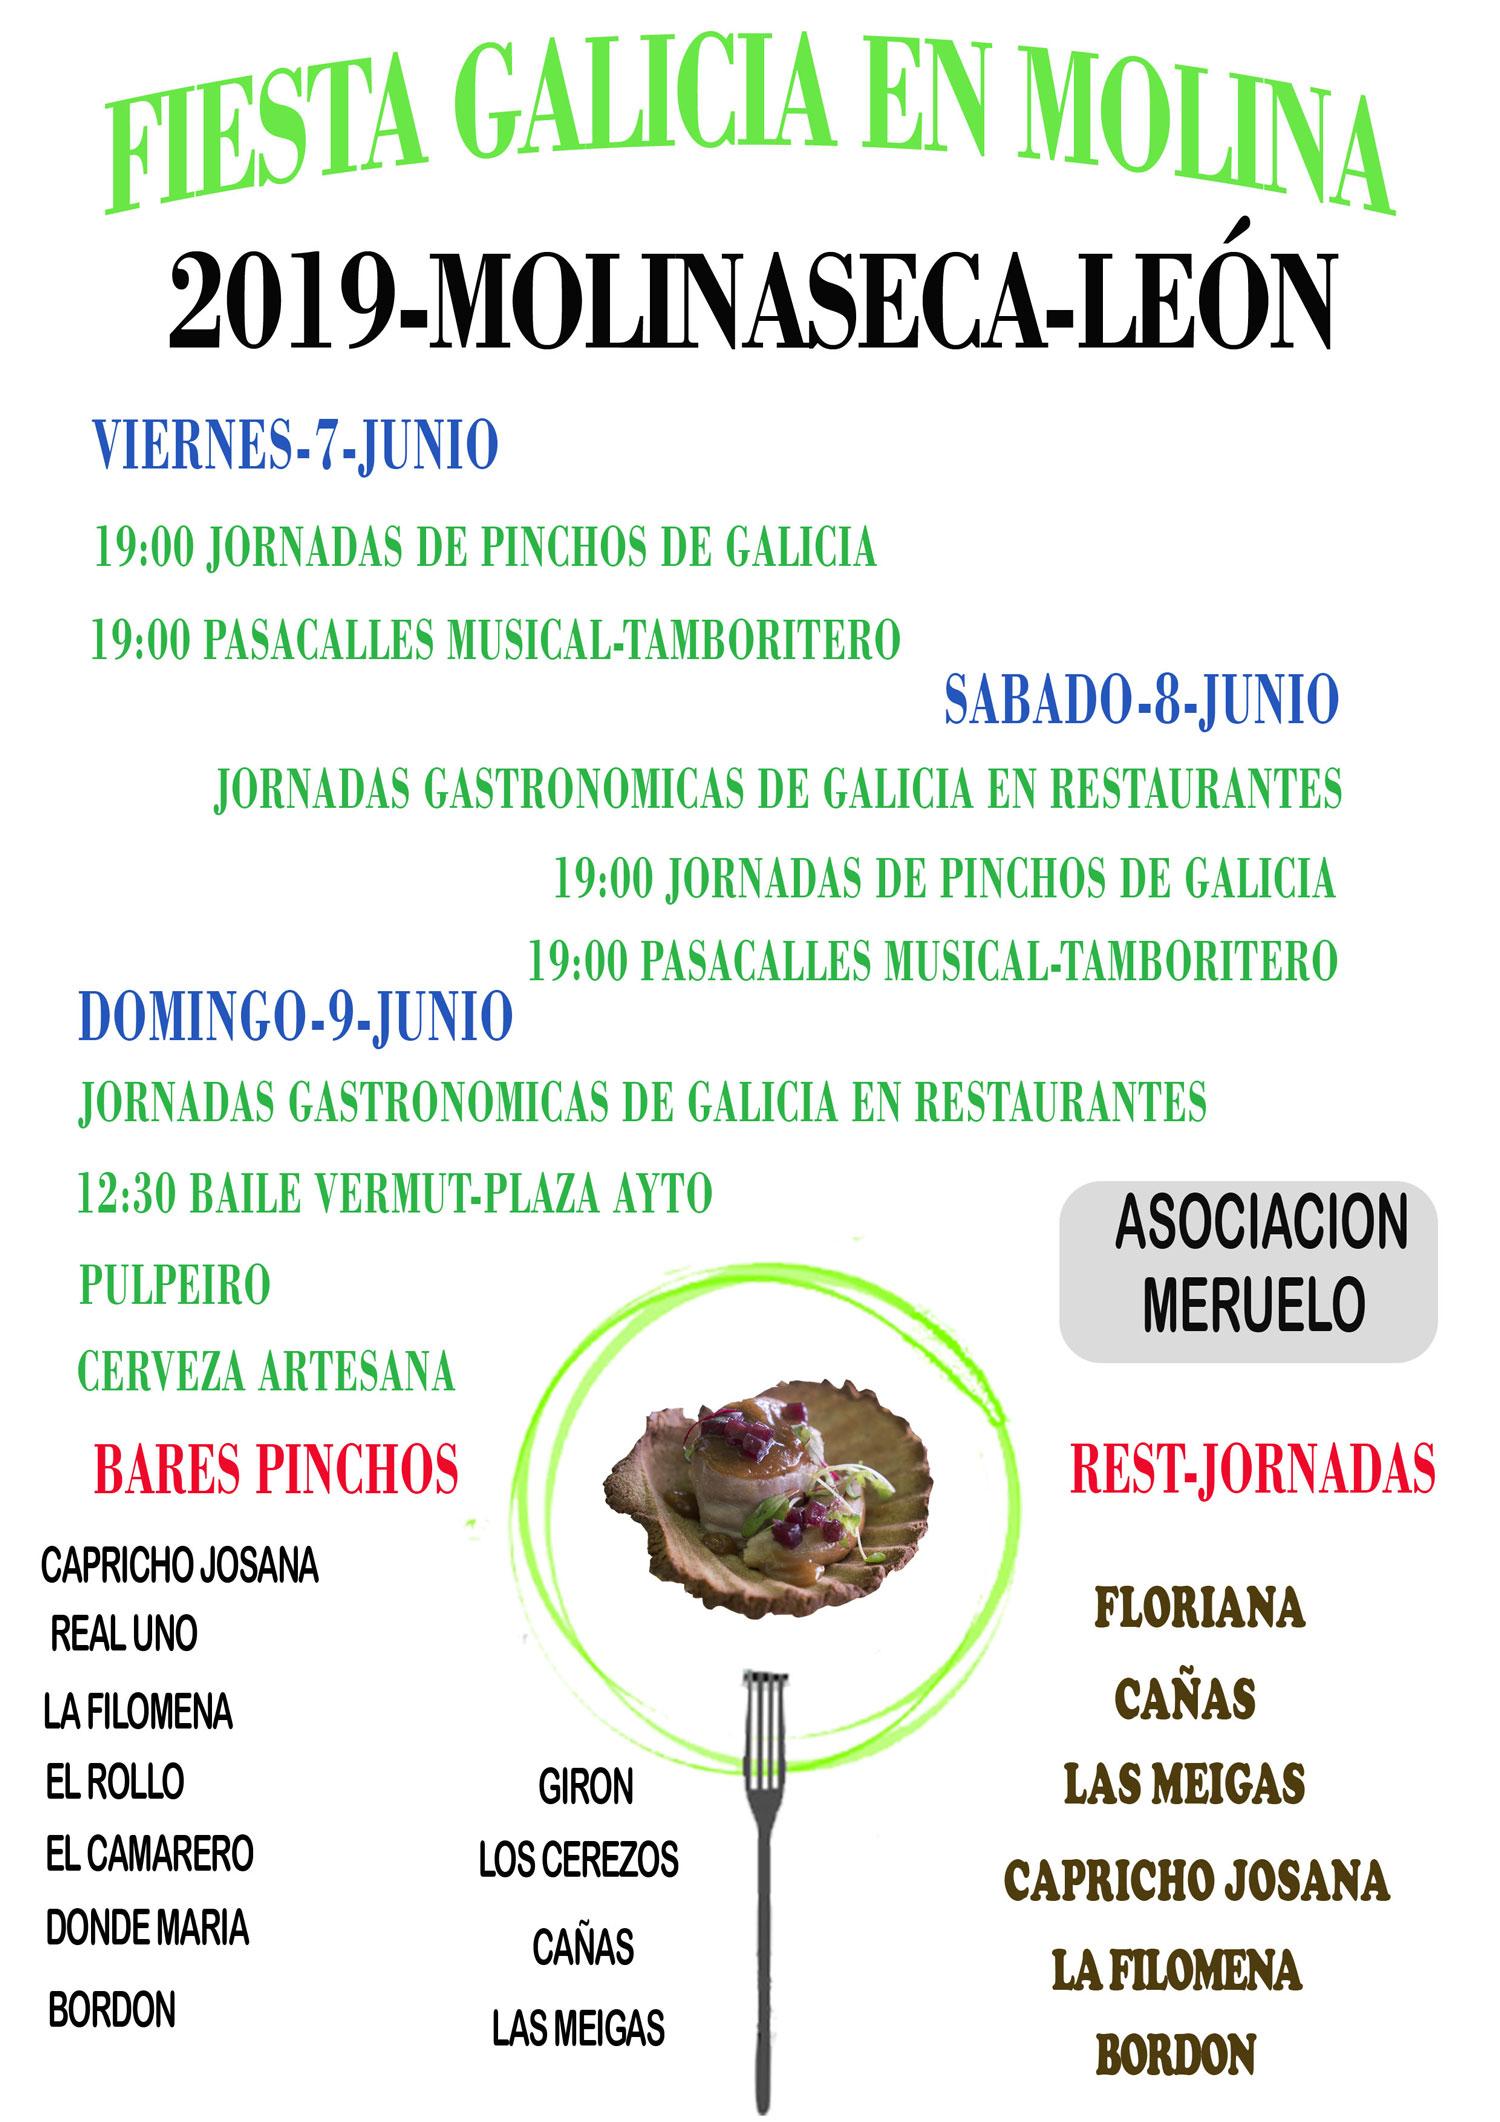 Jornadas Galicia en Molinaseca